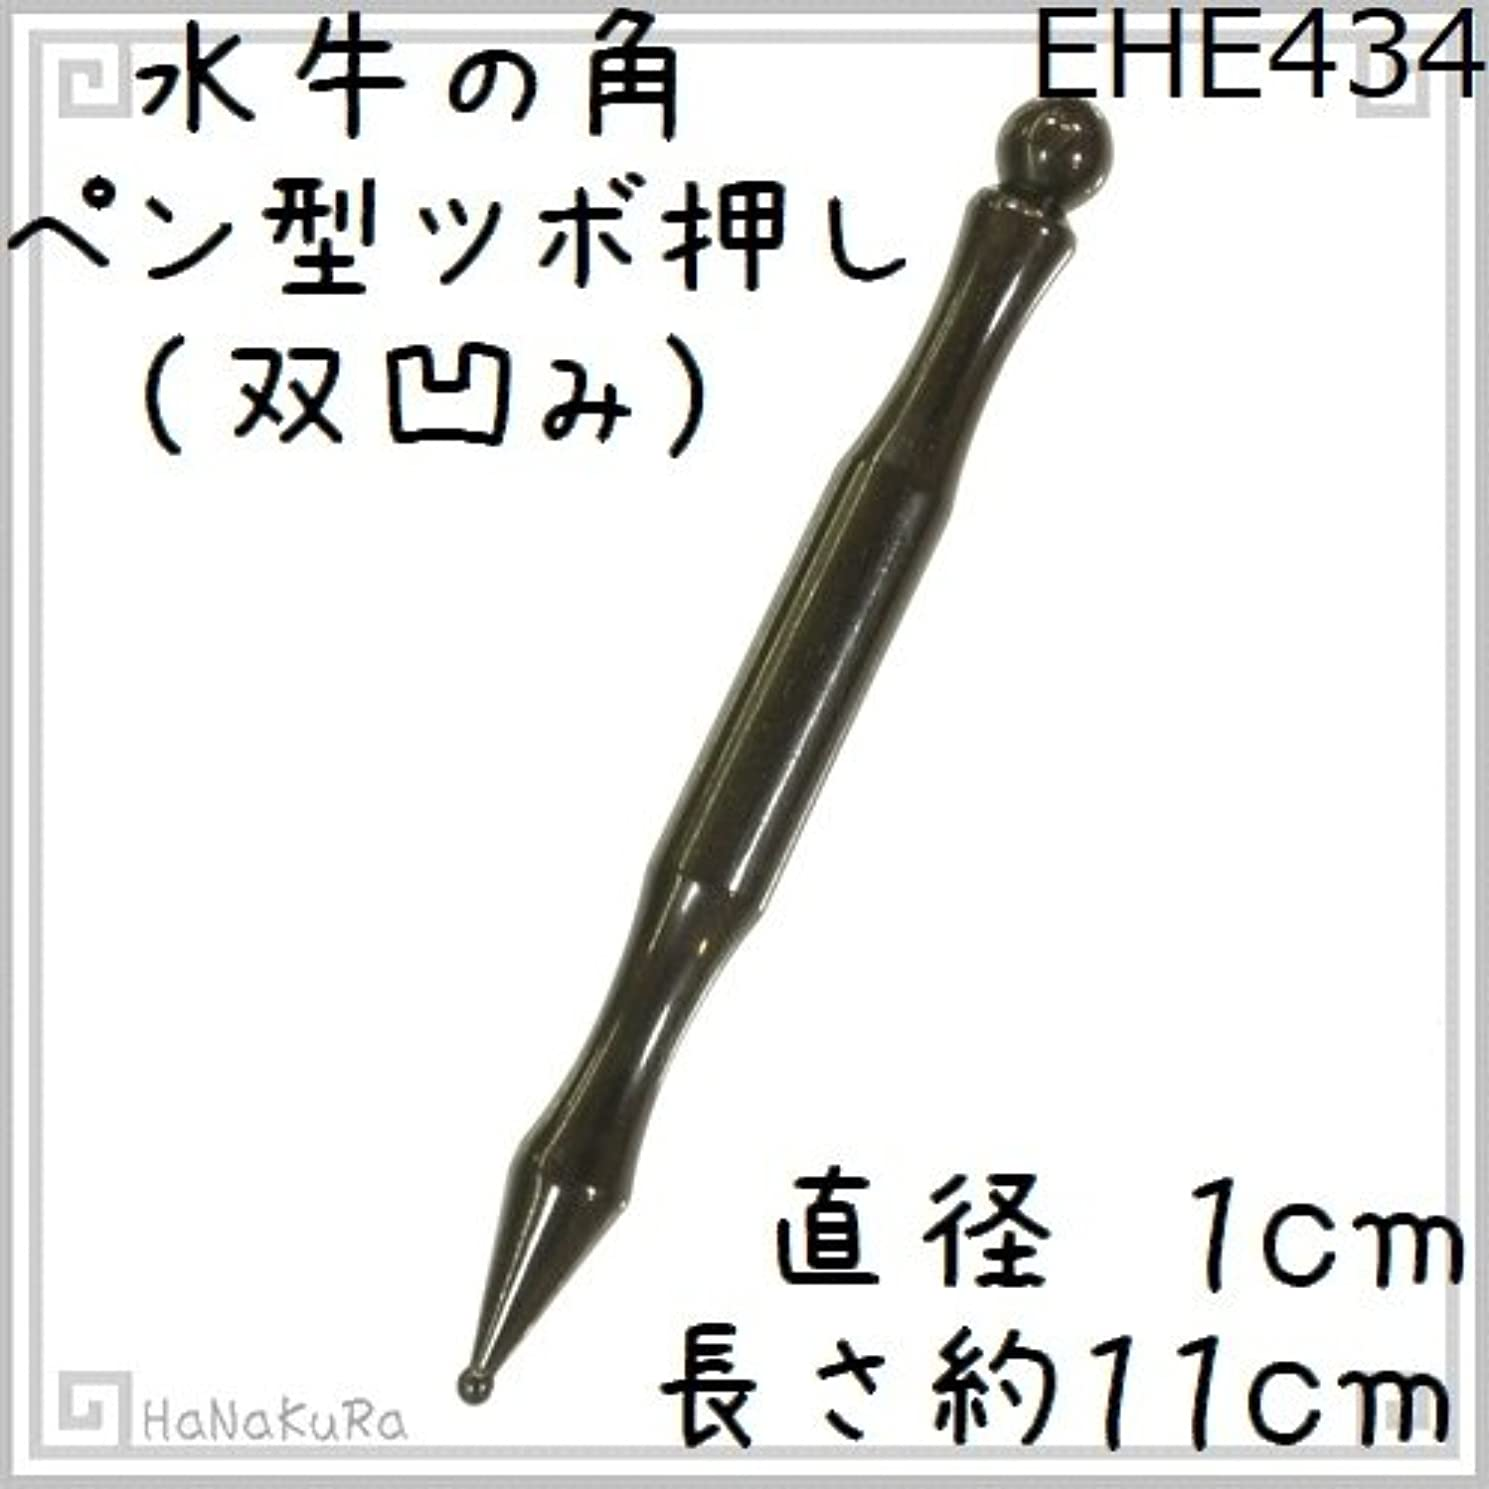 証明書ペネロペ会うツボ押し 水牛の角 434 ペン型(双凹)